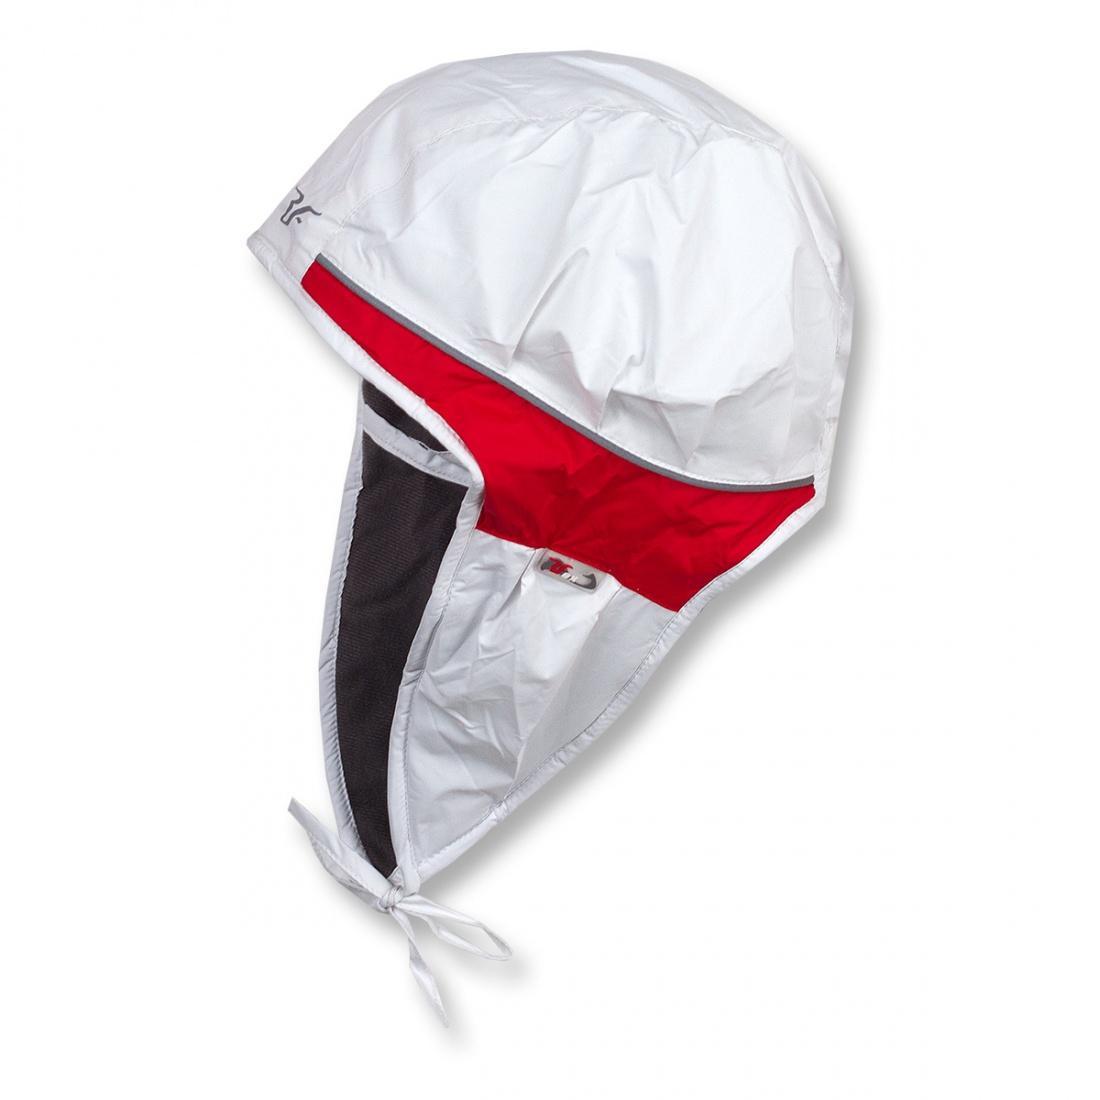 Шапка детская TressУшанки<br><br> Яркая контрастная шапочка прекрасно выделяет ребенка из толпы.<br><br> <br><br><br><br> Основной материал – Dry Factor 1000.<br><br> <br><br><br> Утеп...<br><br>Цвет: Красный<br>Размер: XL